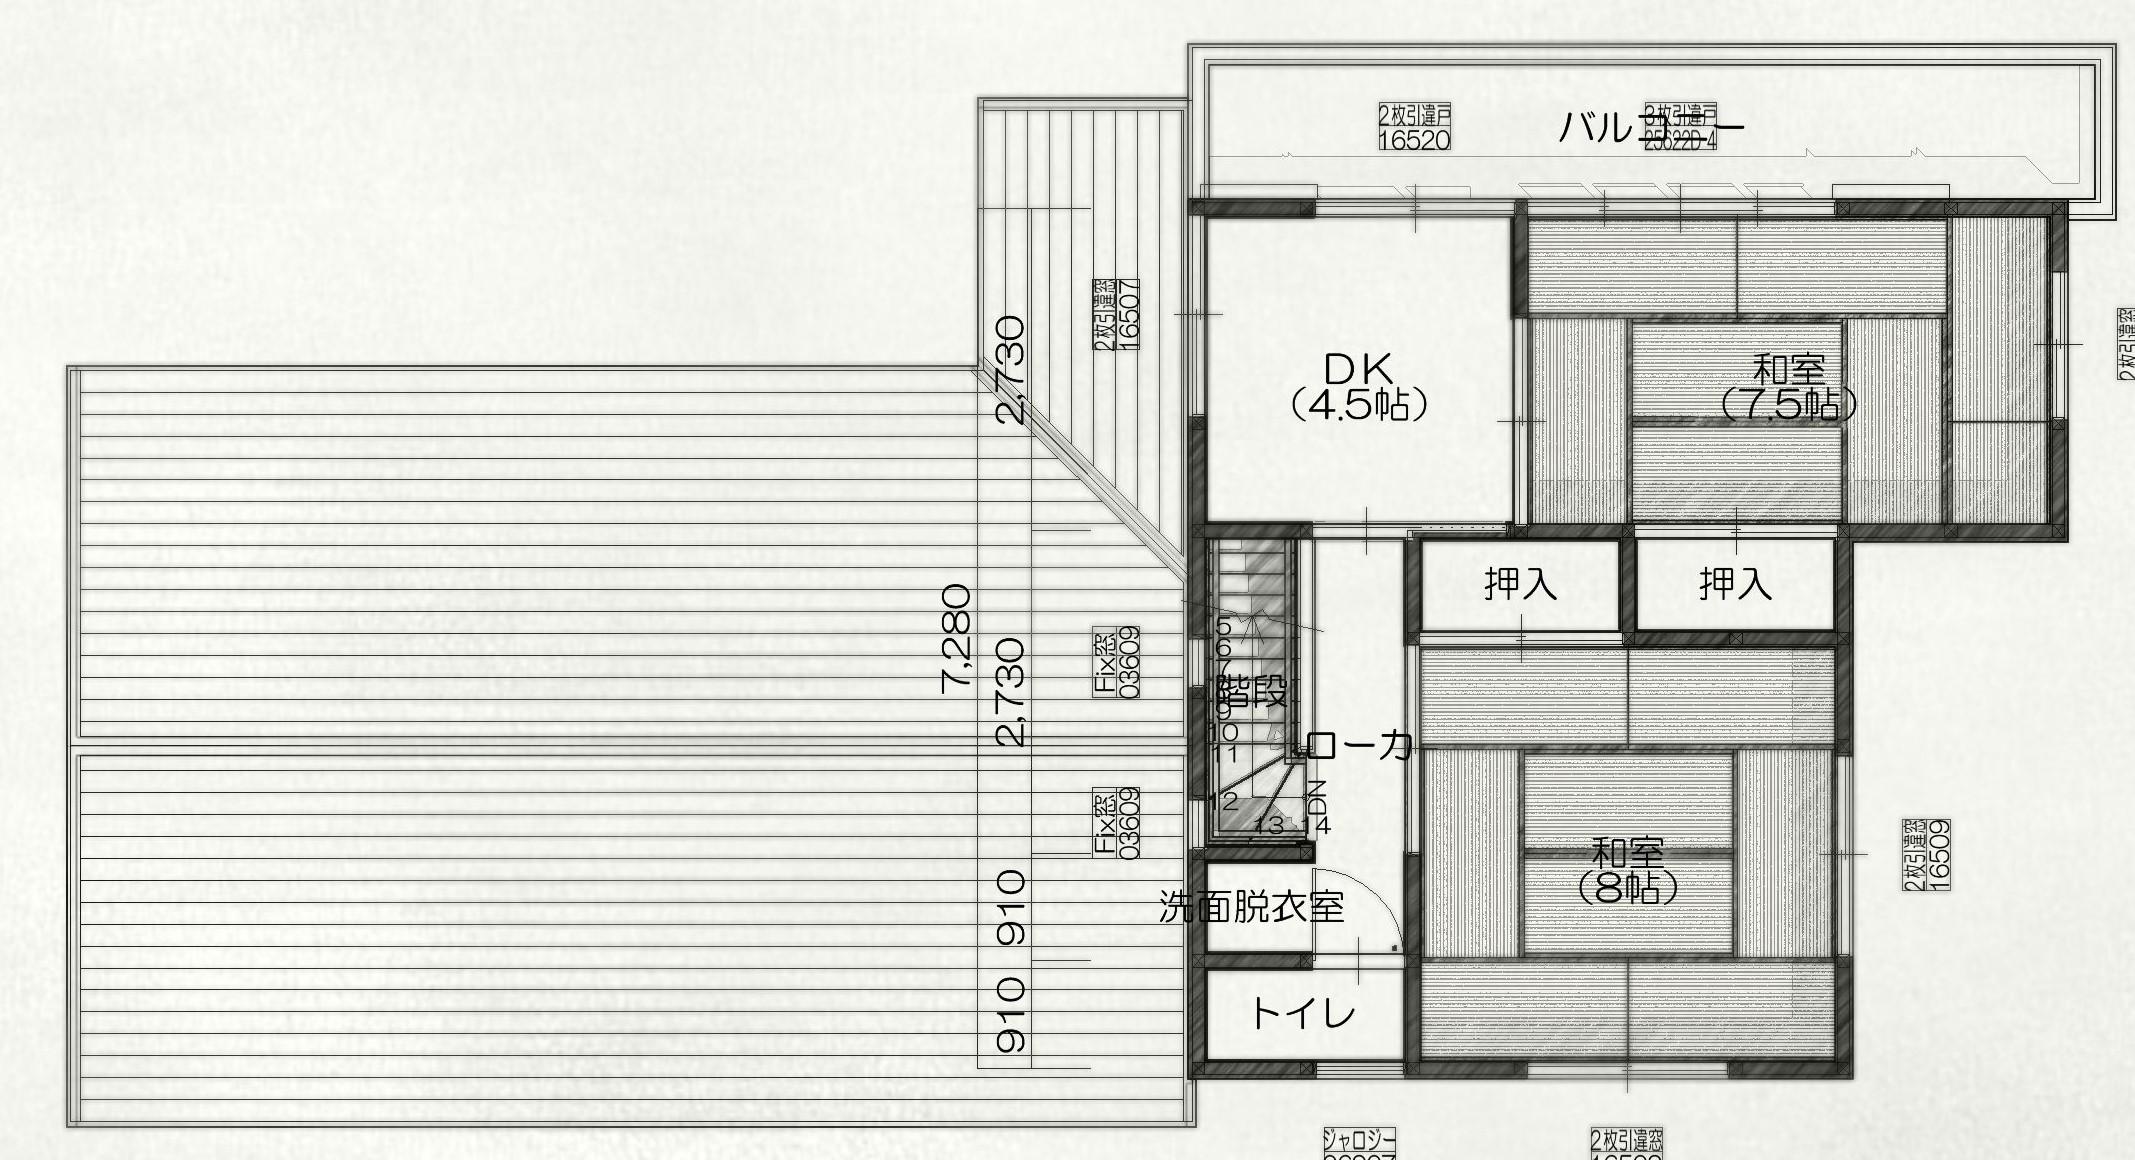 大村のリノベーションショールーム2階間取り図面